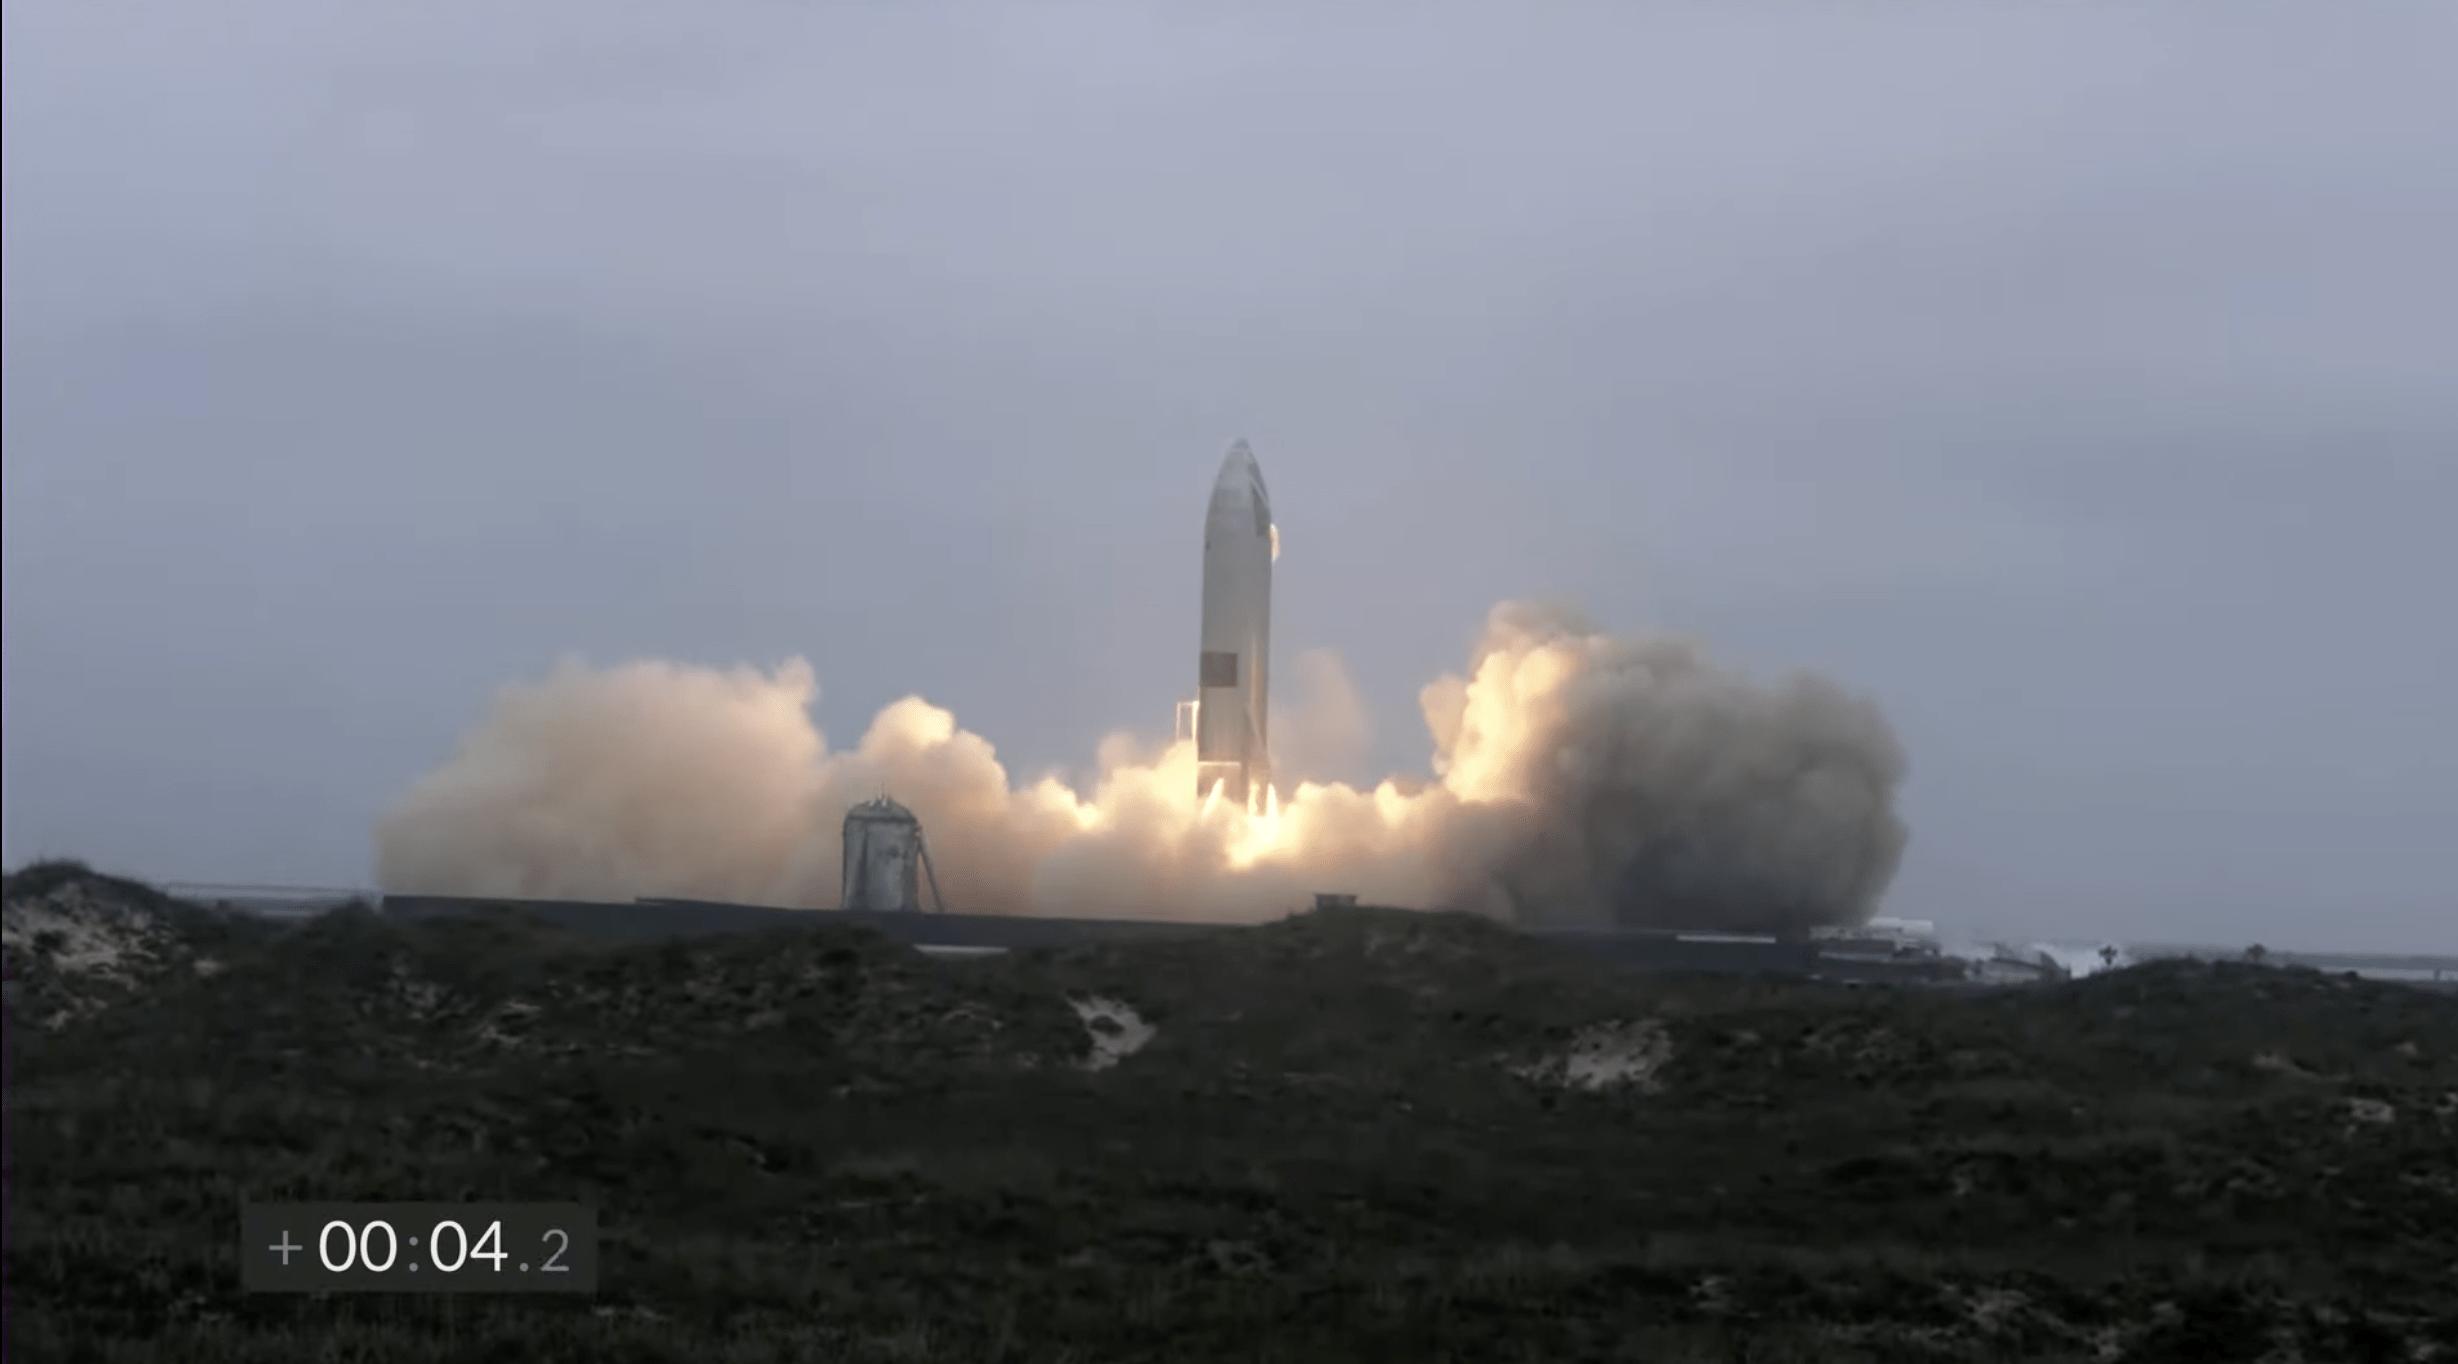 La partenza di Starship SN15